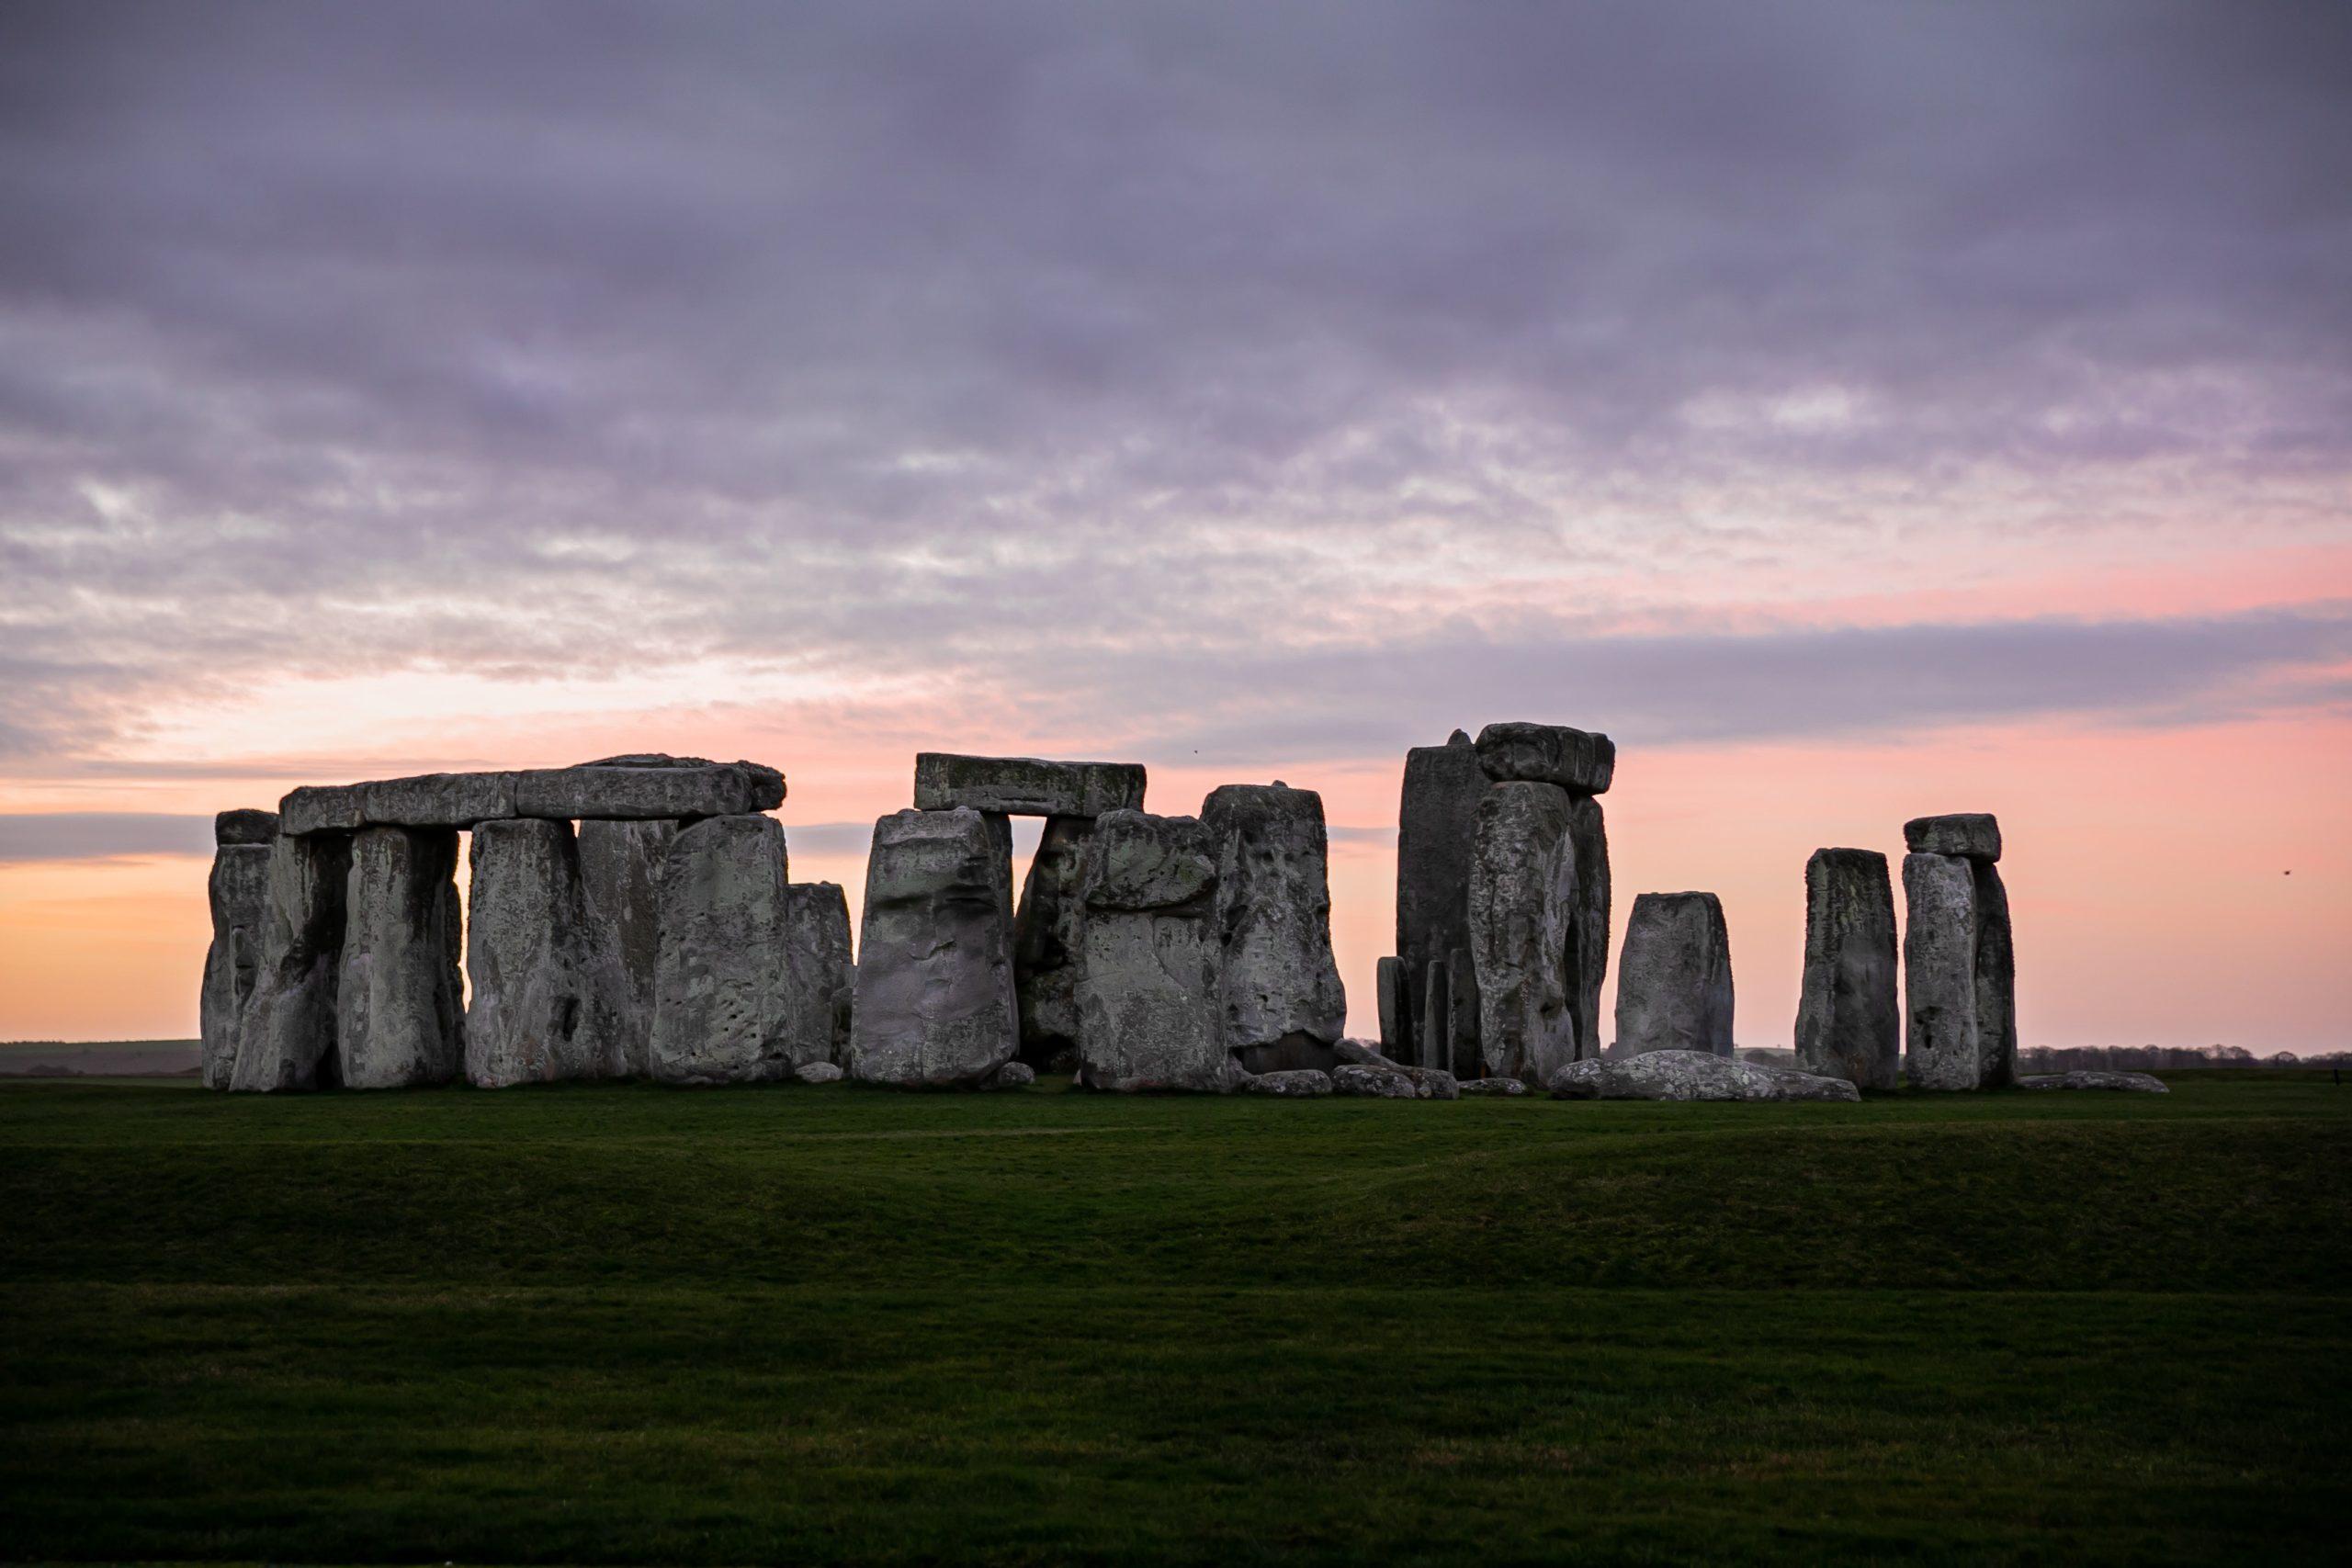 Científicos resuelven el misterio sobre el origen de los megalitos de Stonehenge